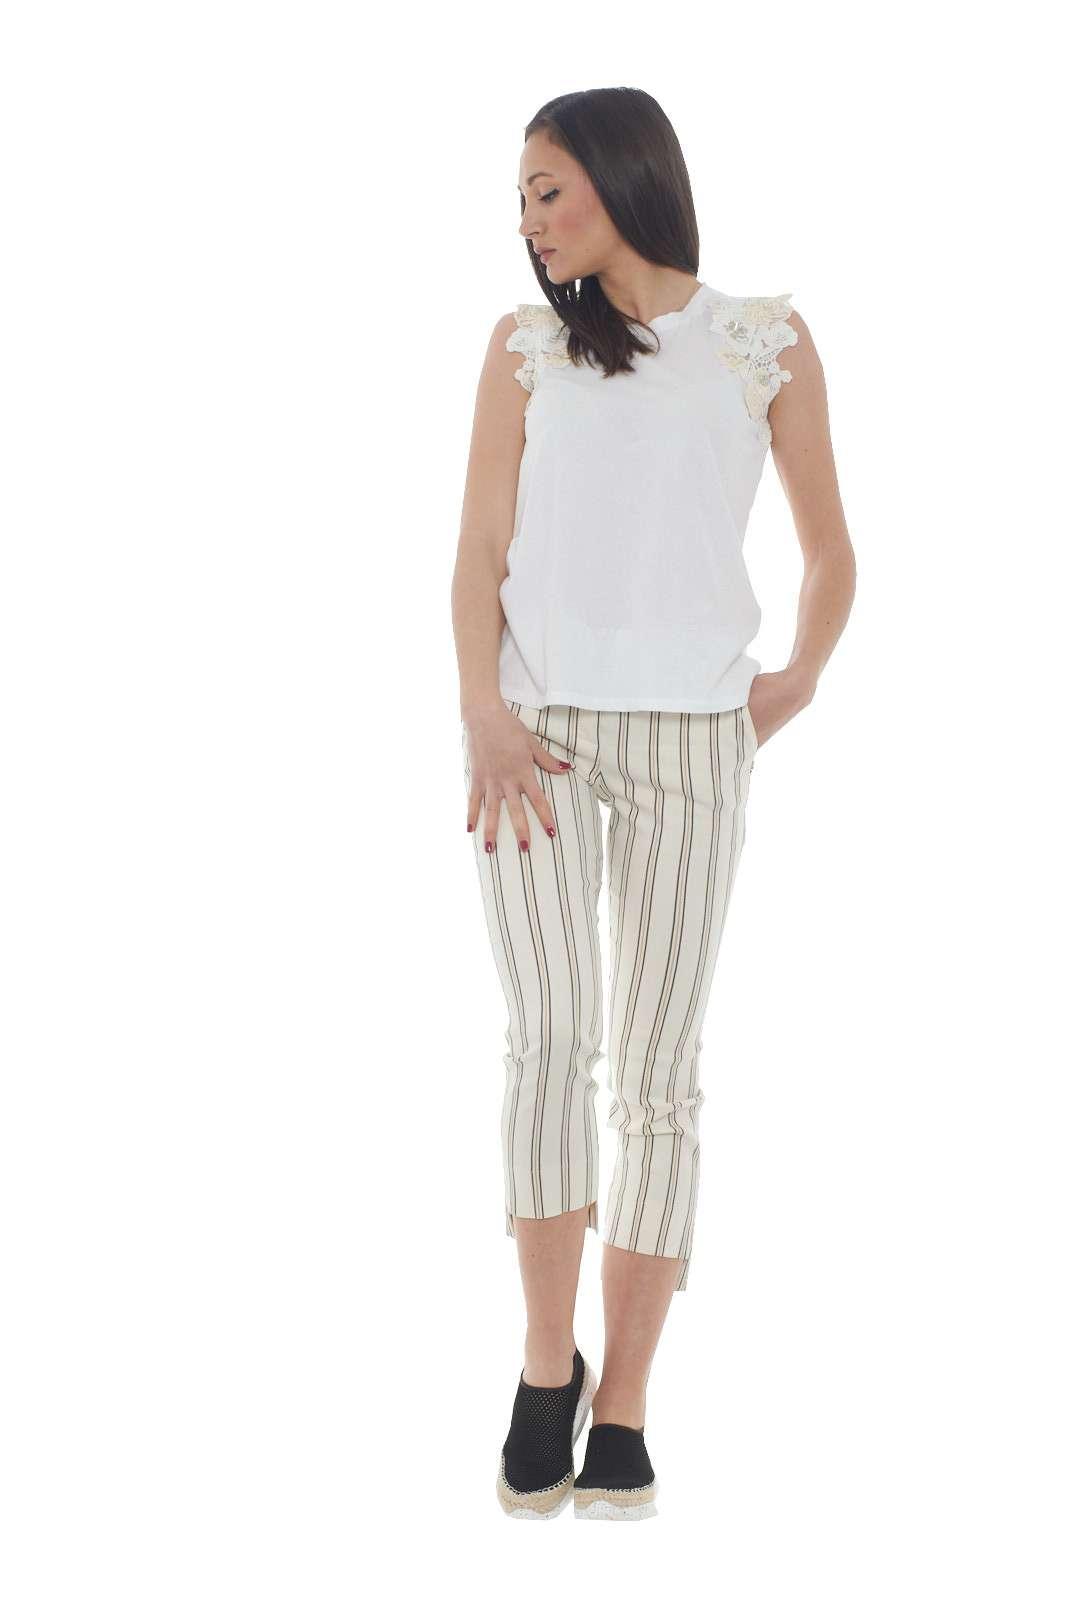 https://www.parmax.com/media/catalog/product/a/i/PE-outlet_parmax-t-shirt-donna-TwinSet-191tt2201-D.jpg